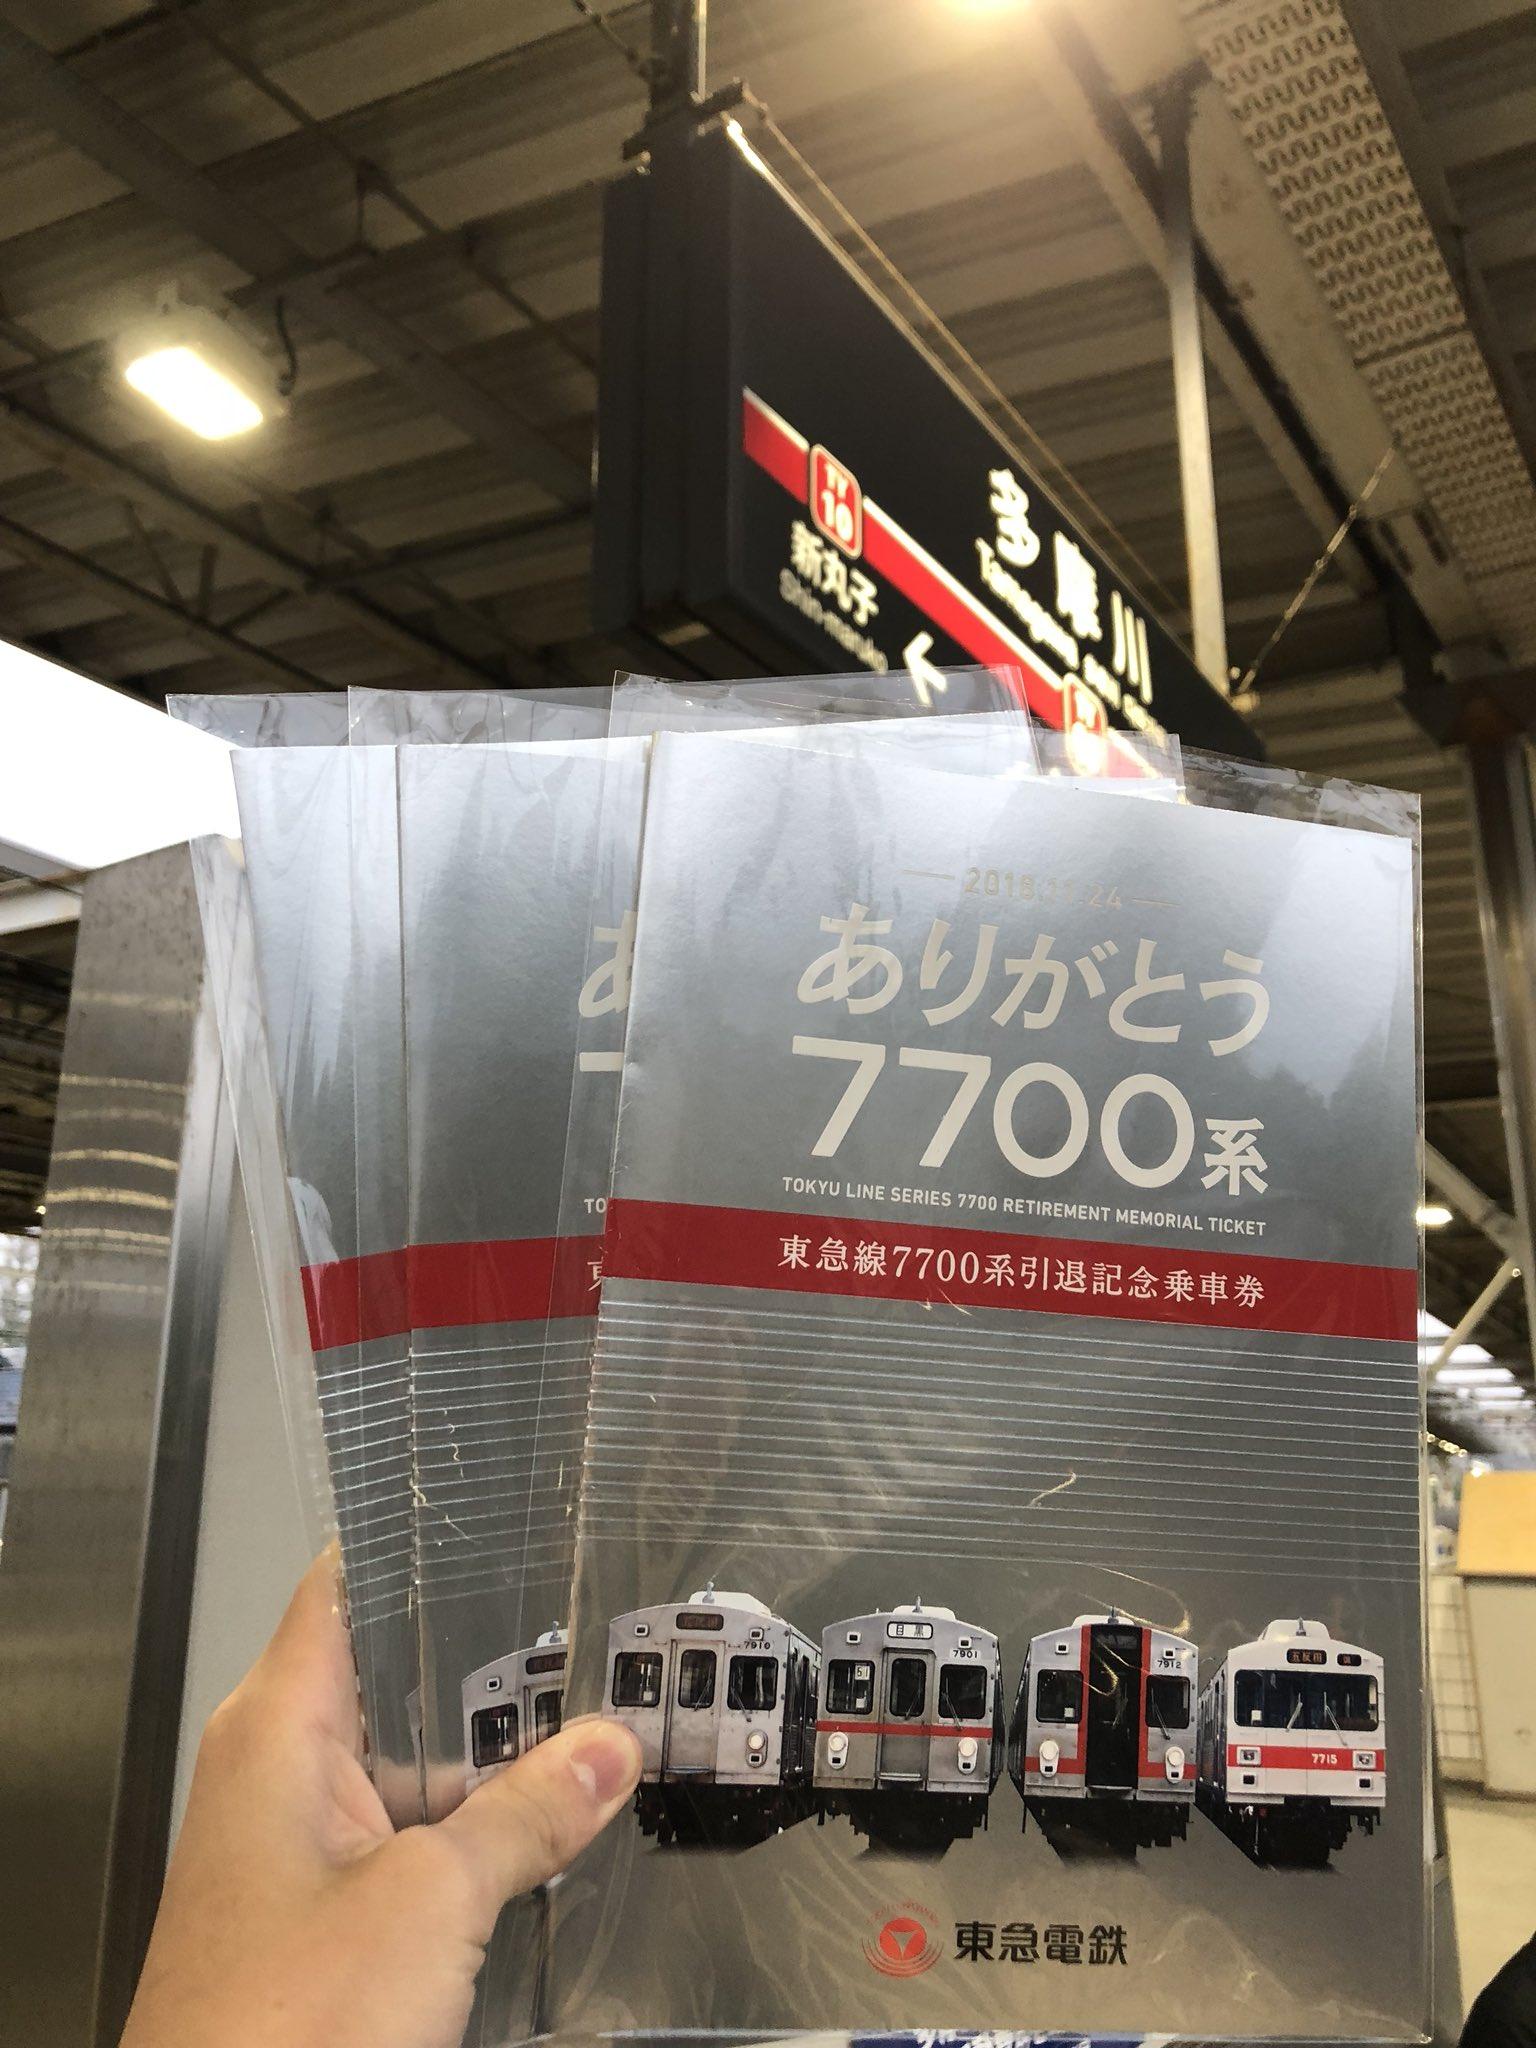 画像,7700系引退記念乗車券買いました~ https://t.co/fxF2EQnOzJ。